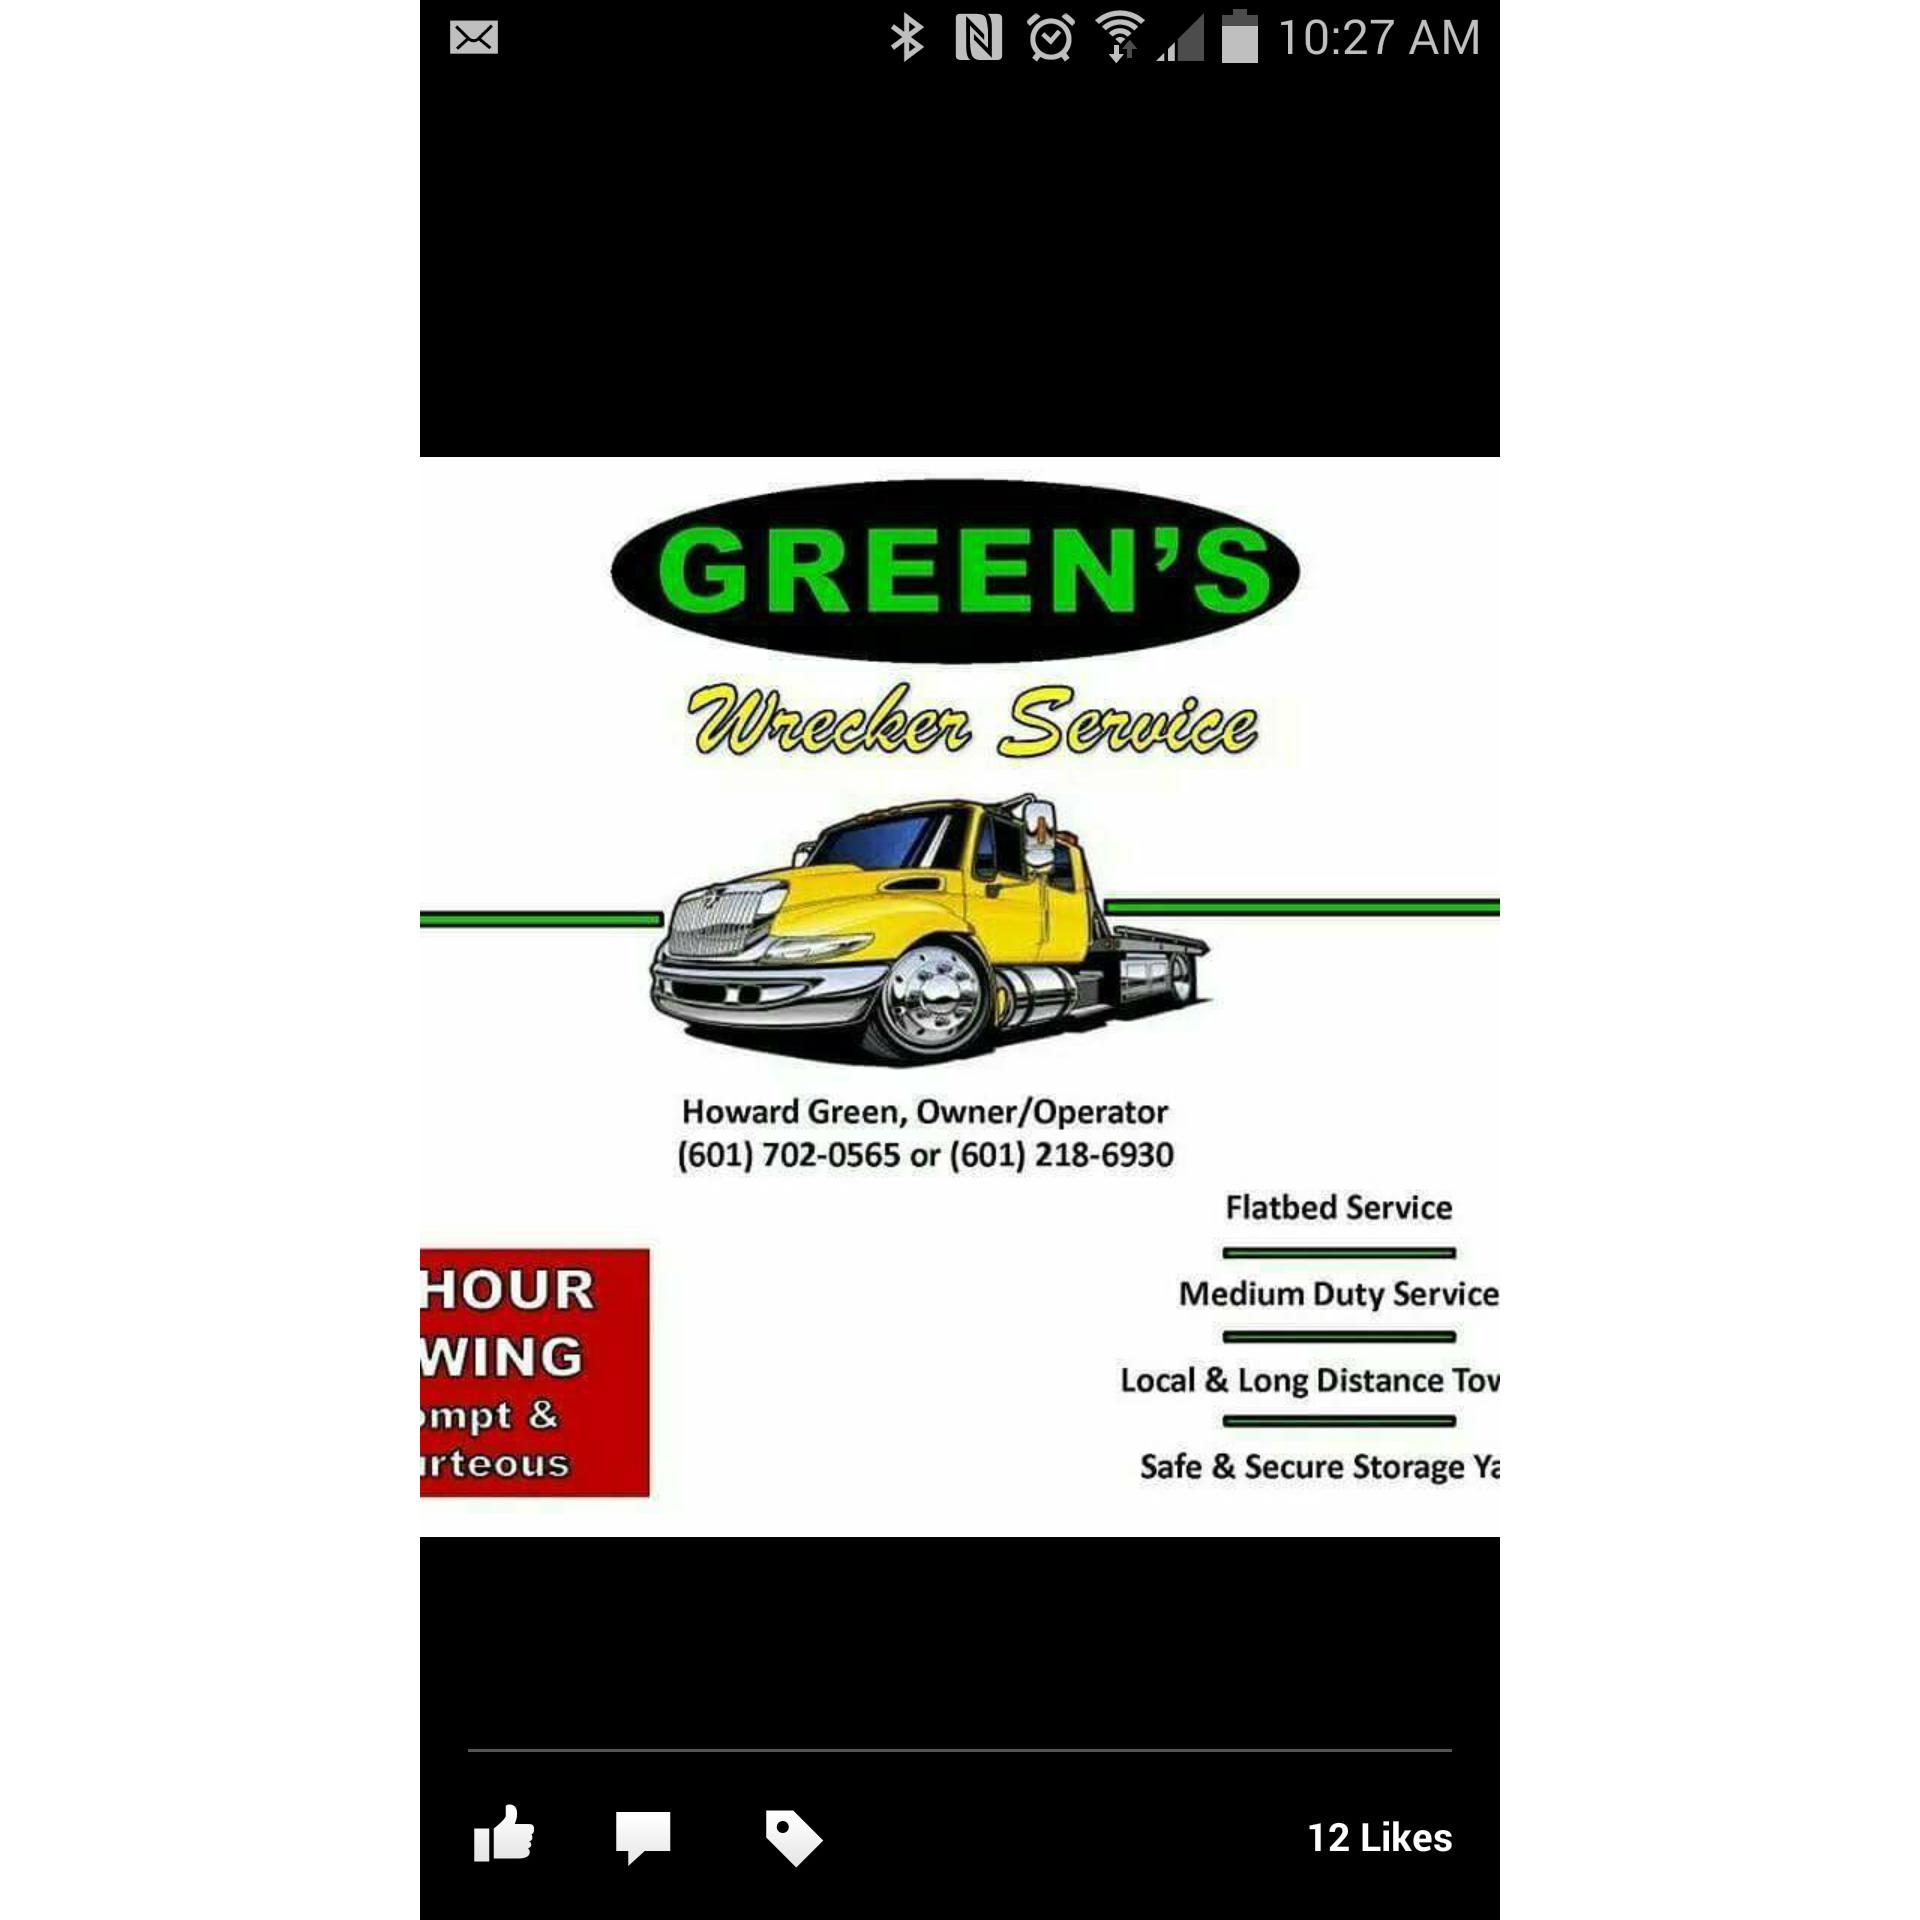 Green's Wrecker Service LLC